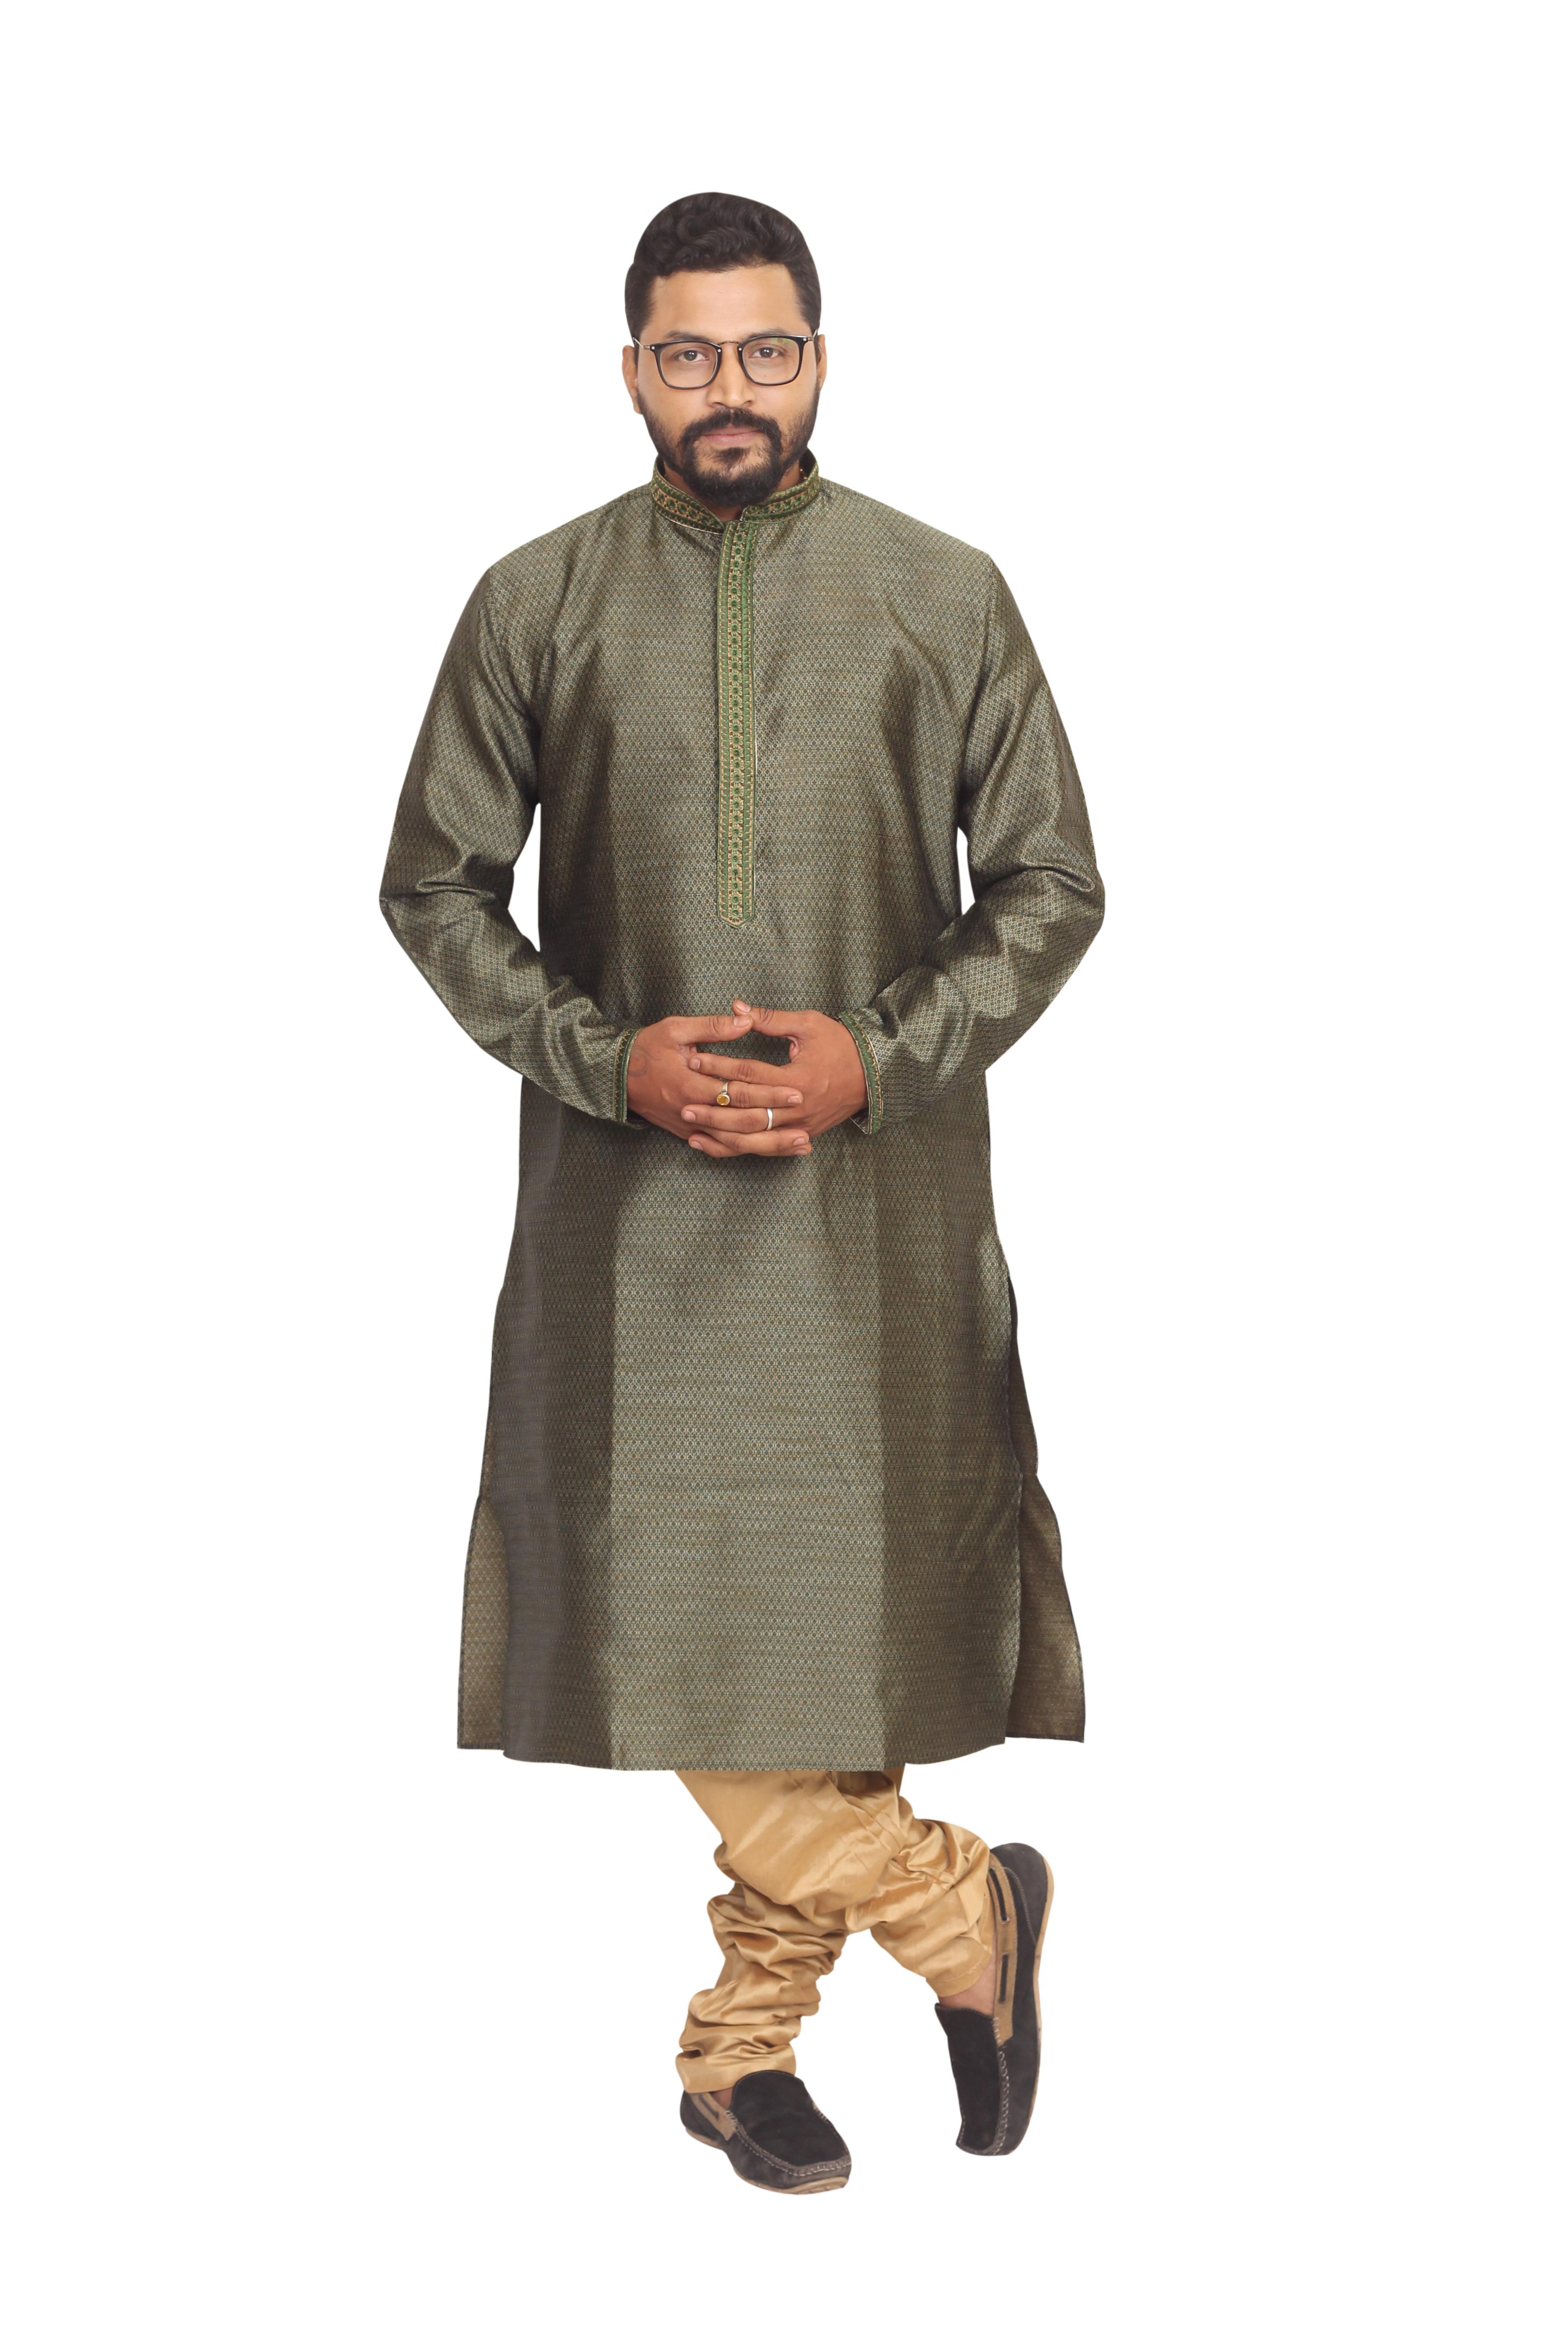 Sreemant   Sreemant Dark Green Blended Silk Kurta For Men, MKMAR17-PDGR6